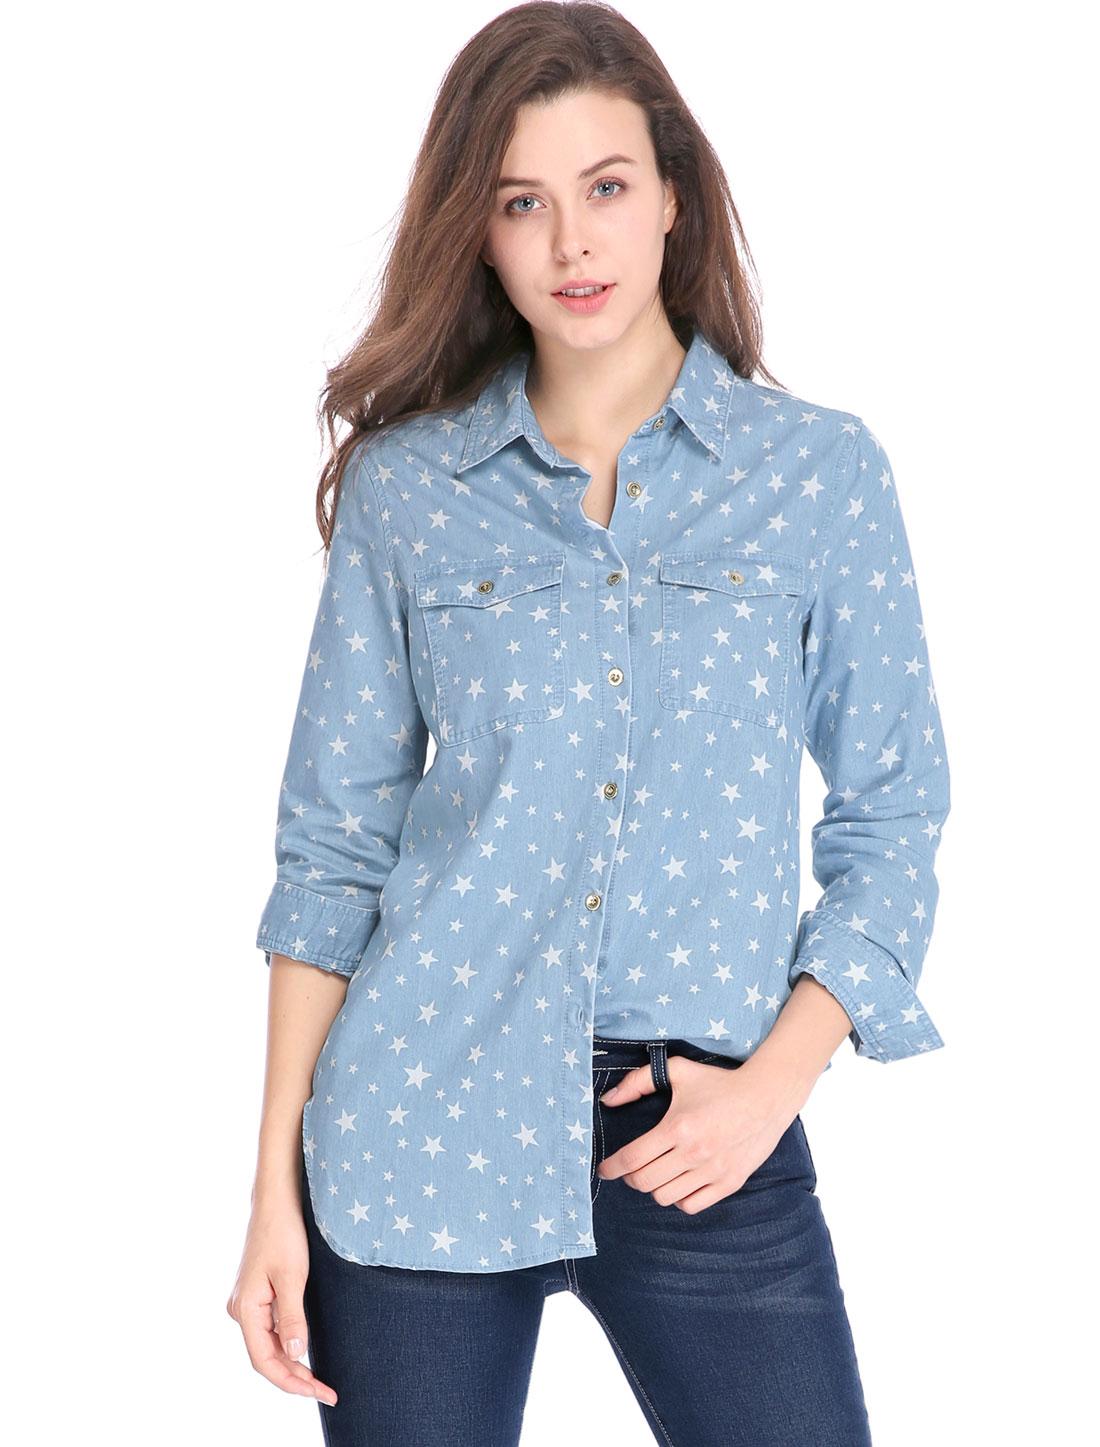 Allegra K Women Long Sleeves Button Closure Stars Tunic Denim Shirt Light Blue L